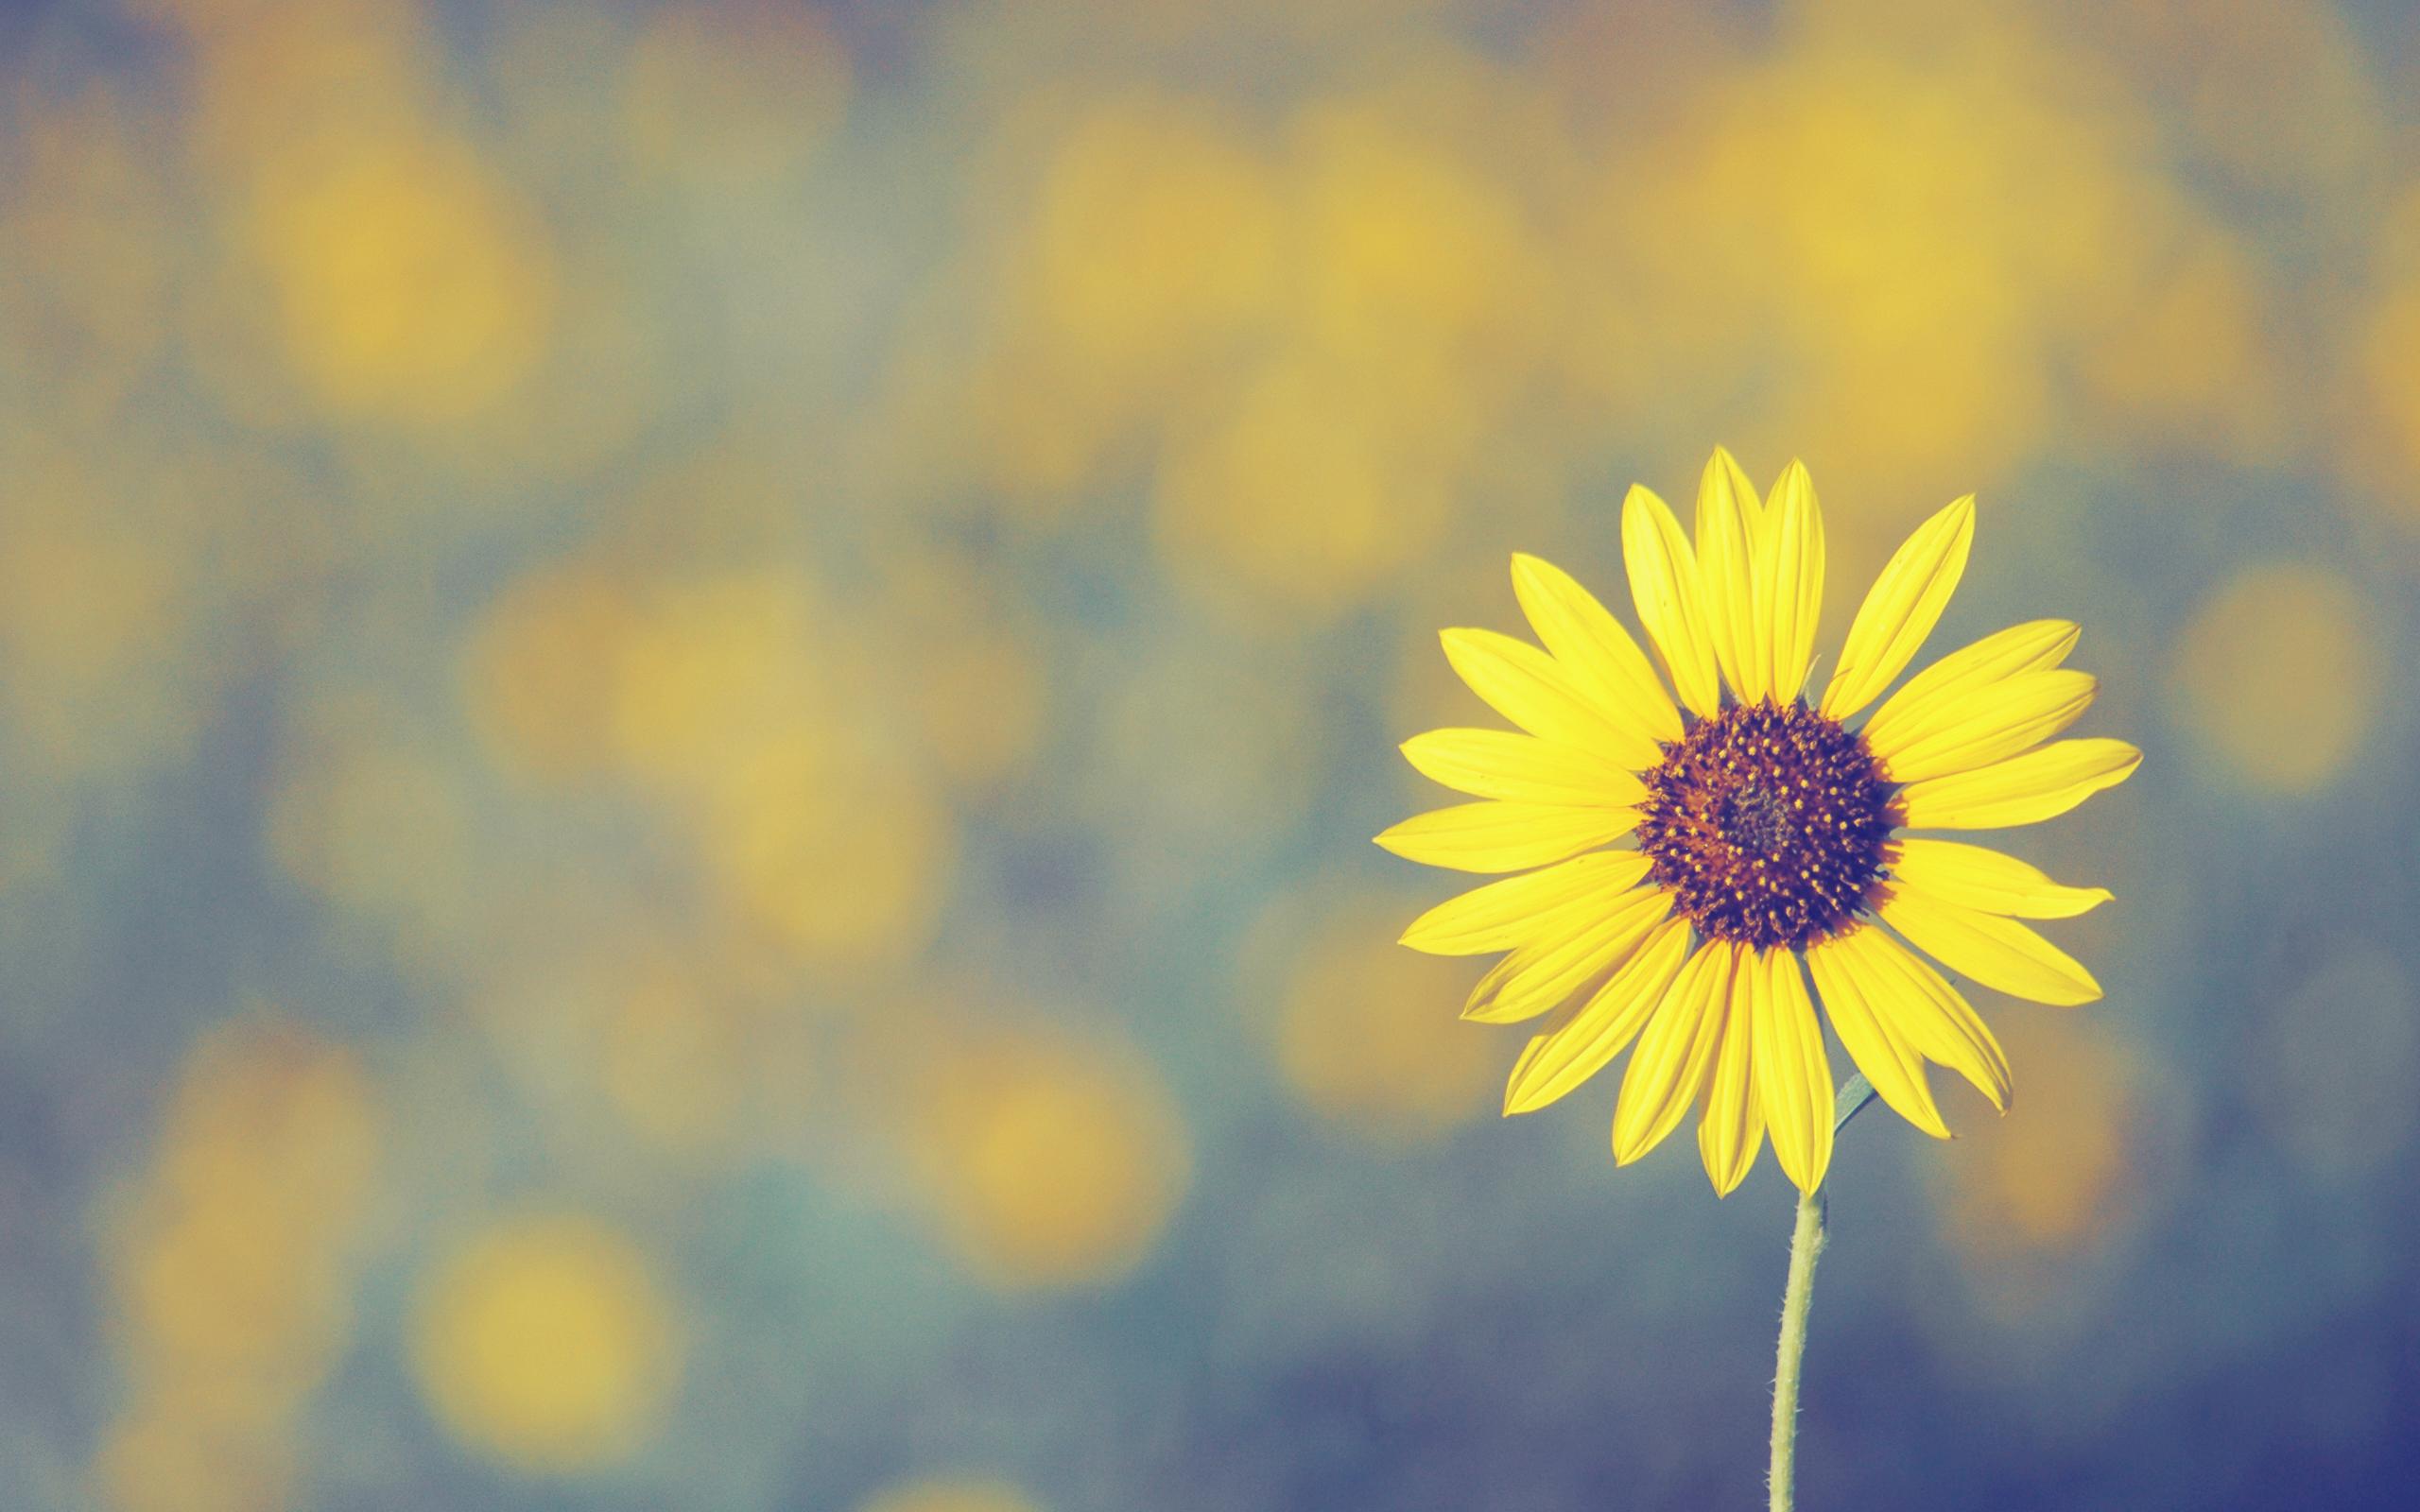 Sunflower, flower, yellow, field, focus, Petals